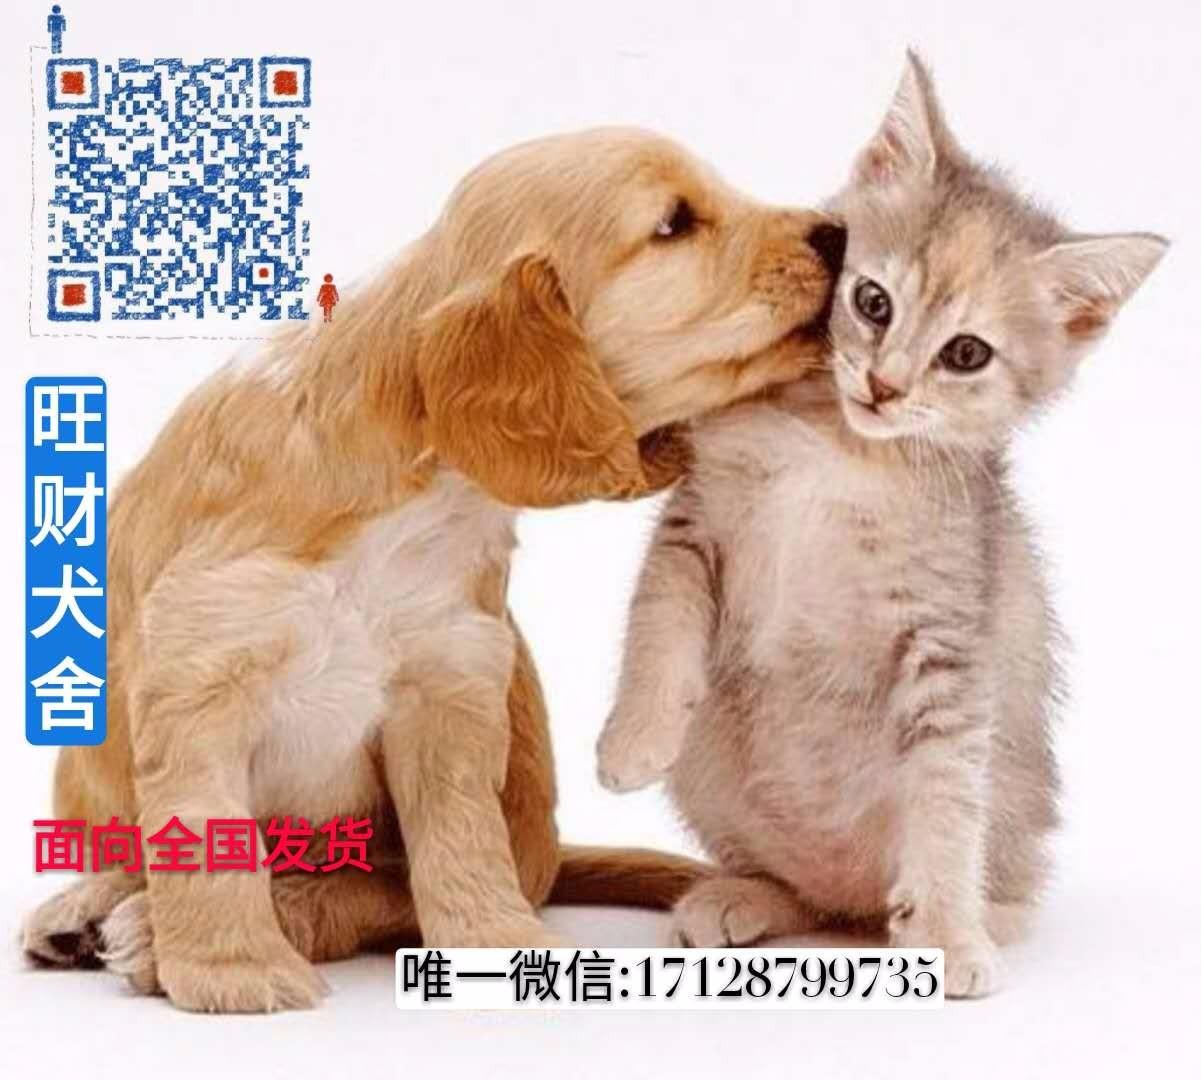 成都精品高品质格力犬幼犬热卖中多种血统供选购5